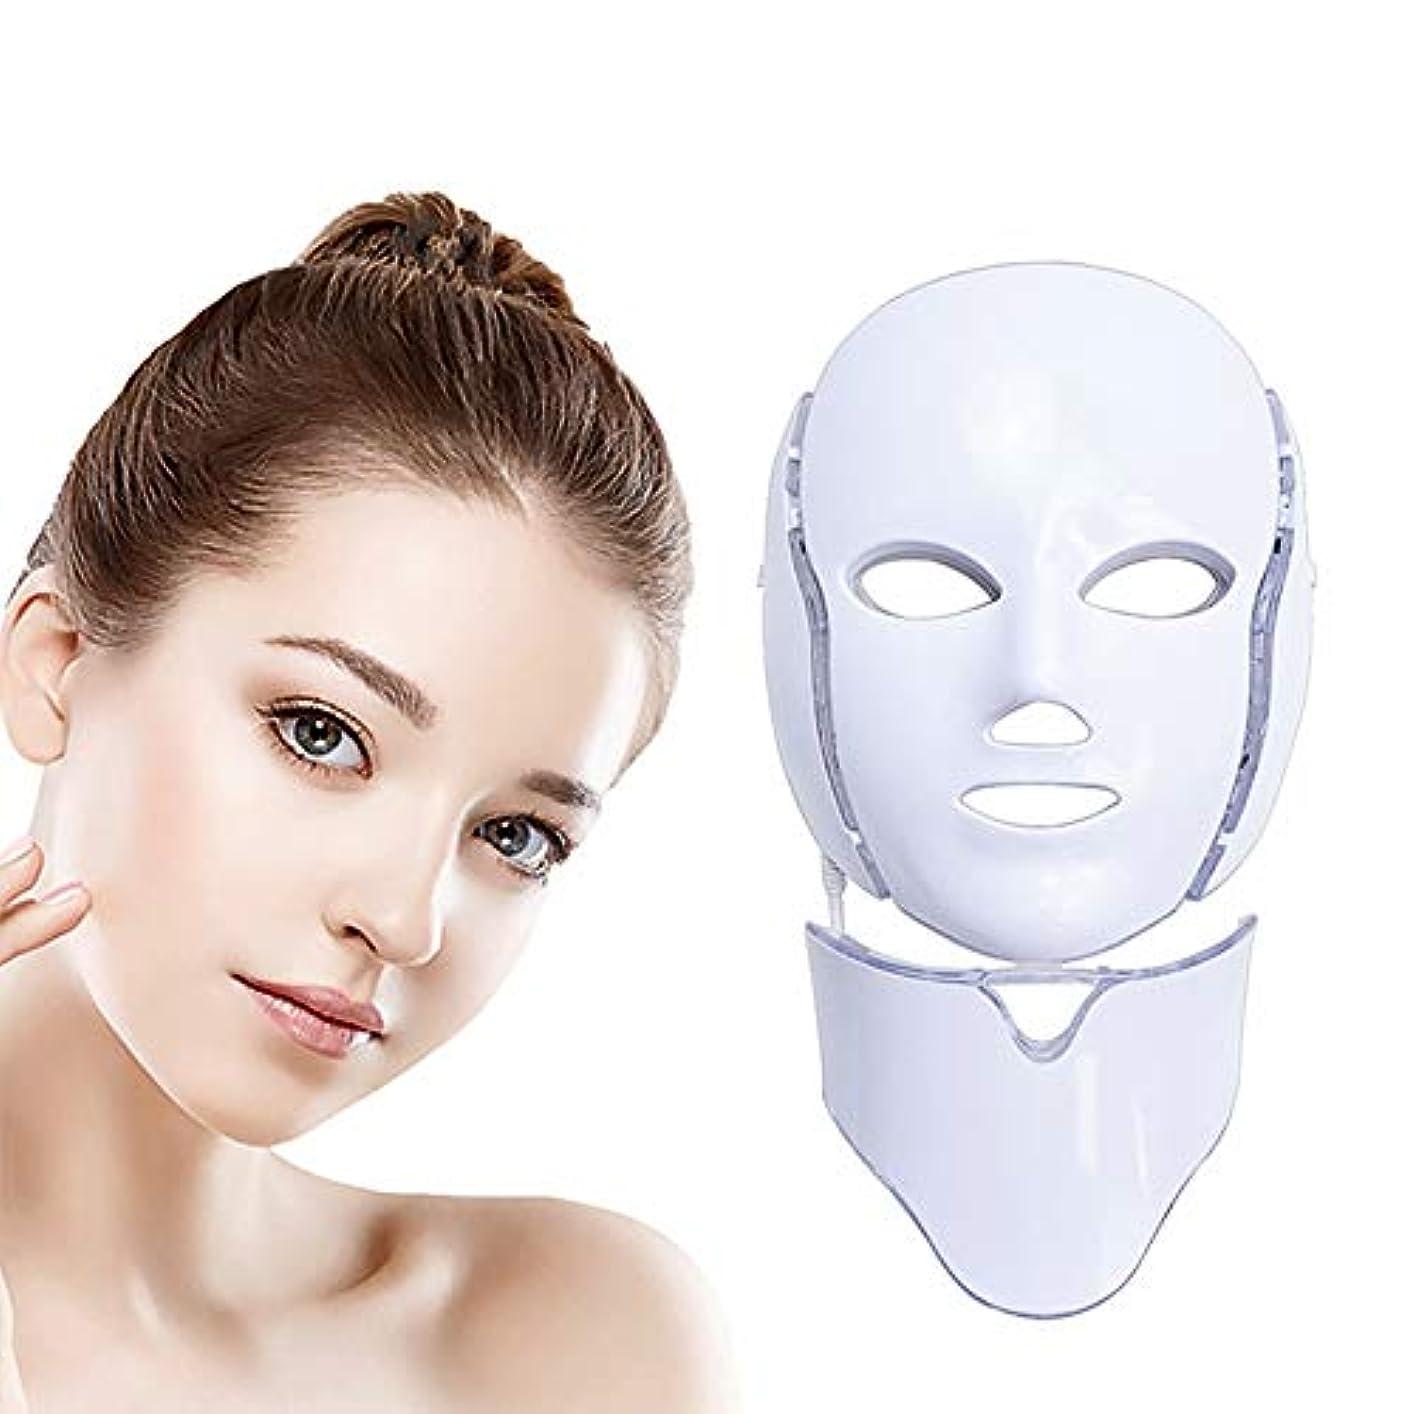 急流マオリグローバルプレミアムライトセラピーマスク、LEDフェイスマスク7カラーライトセラピーマスクコラーゲン、引き締め、瘢痕化、アンチエイジング、美白LEDフェイスマスク(ネックマスク付き)